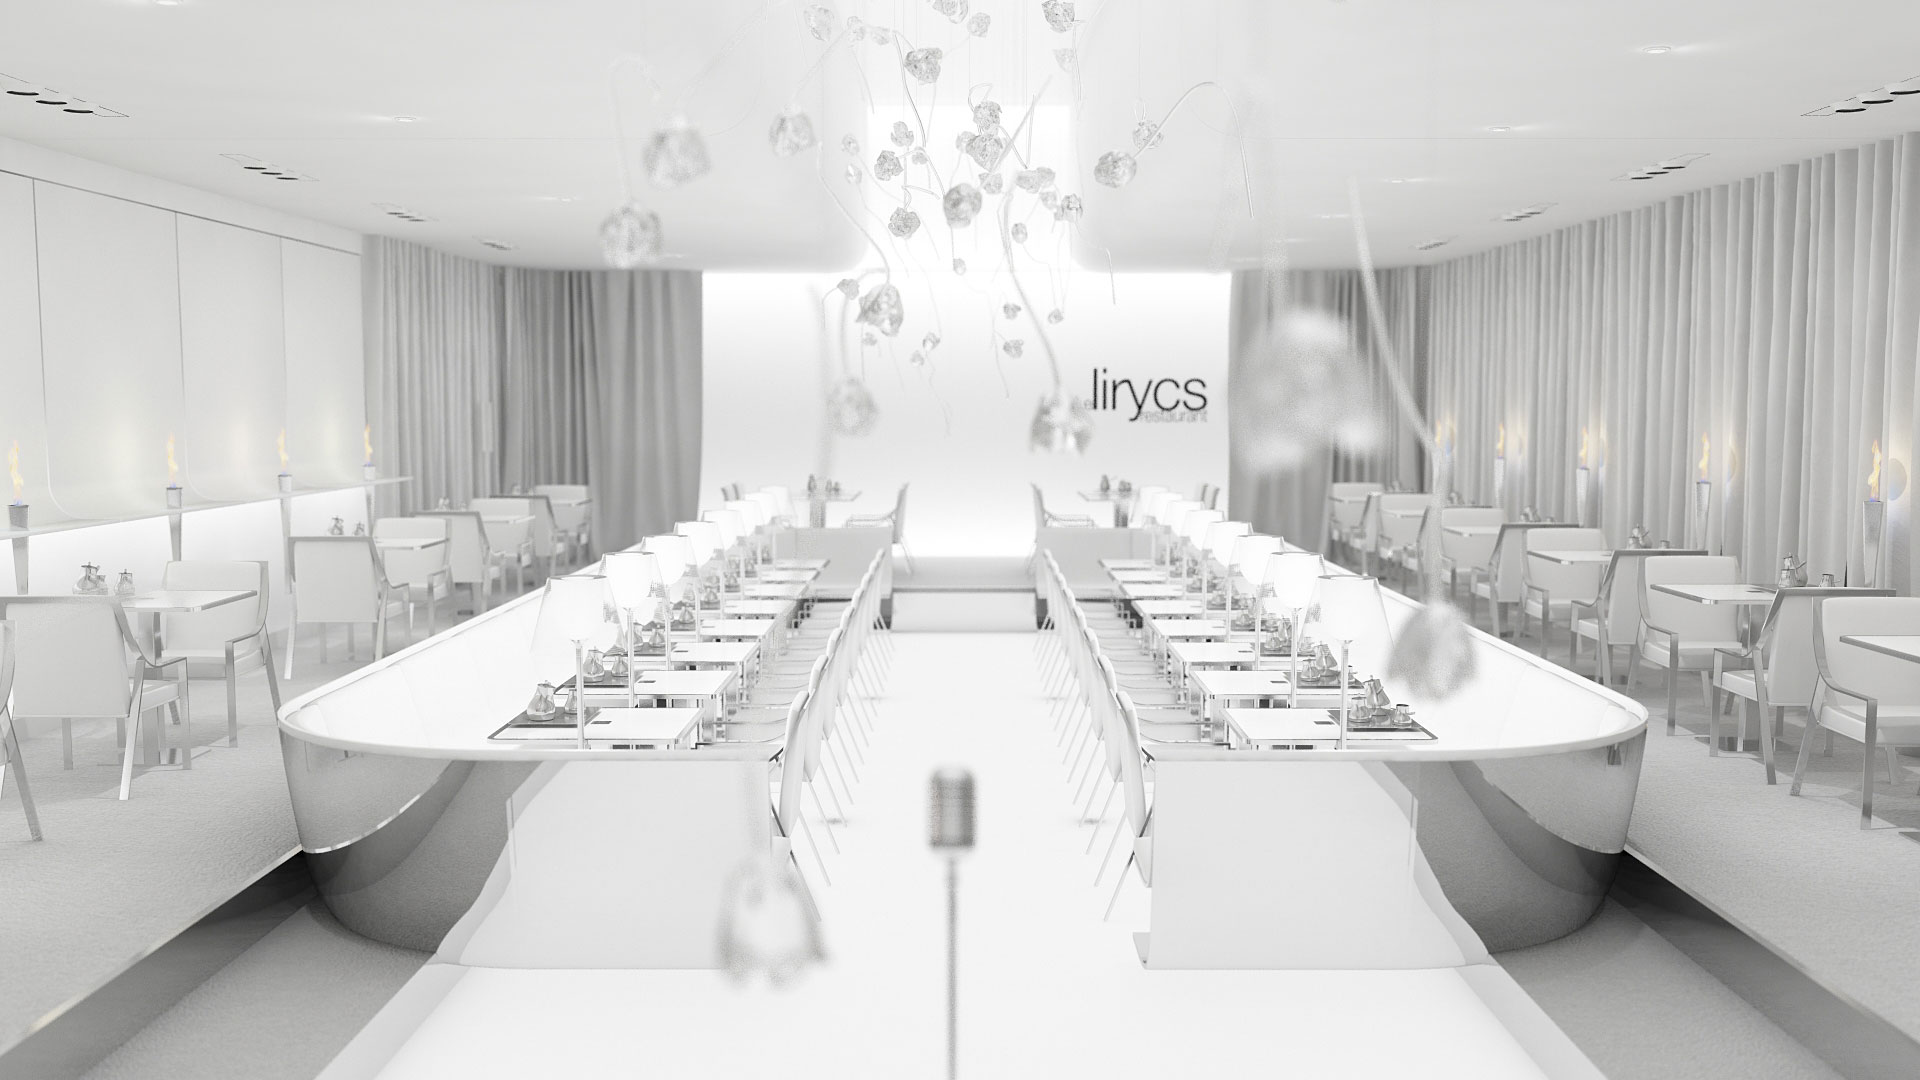 restaurant contemporain aix en provence, festival lyrique aix en provence, rose en verre, chaise aileron, christophe pillet, restaurant design